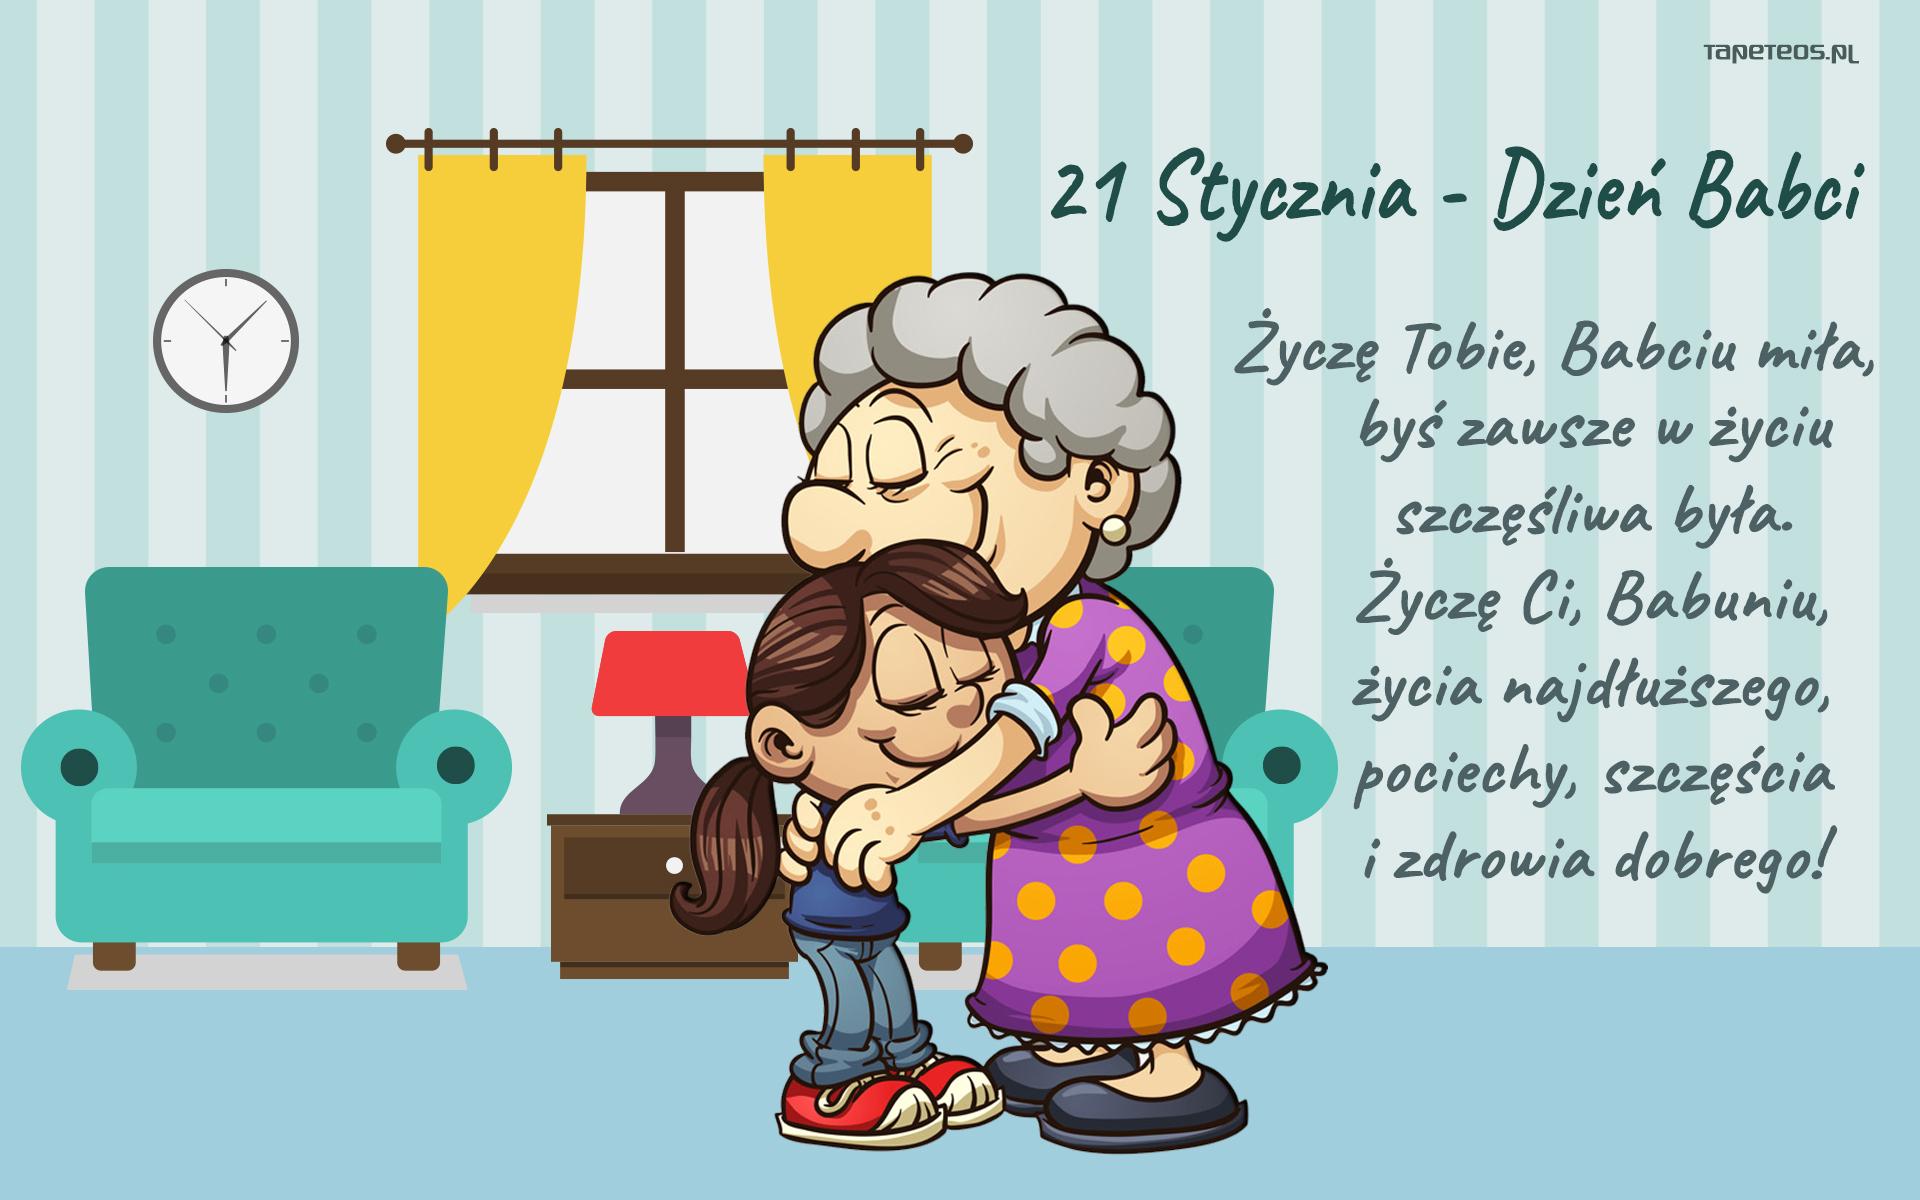 Dzien Babci I Dziadka 014 Dzien Babci 21 Stycznia Zyczenia